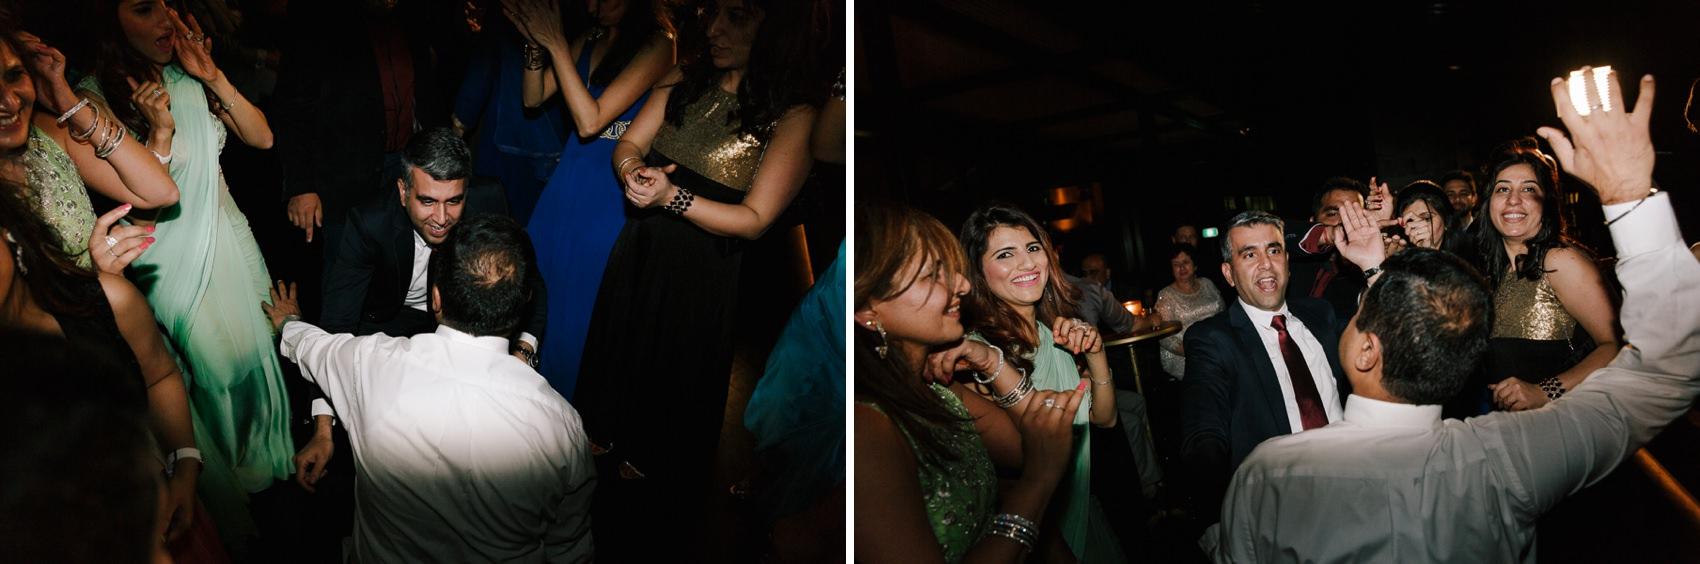 Indian-Wedding-Photography-Maala-Rohan_0308